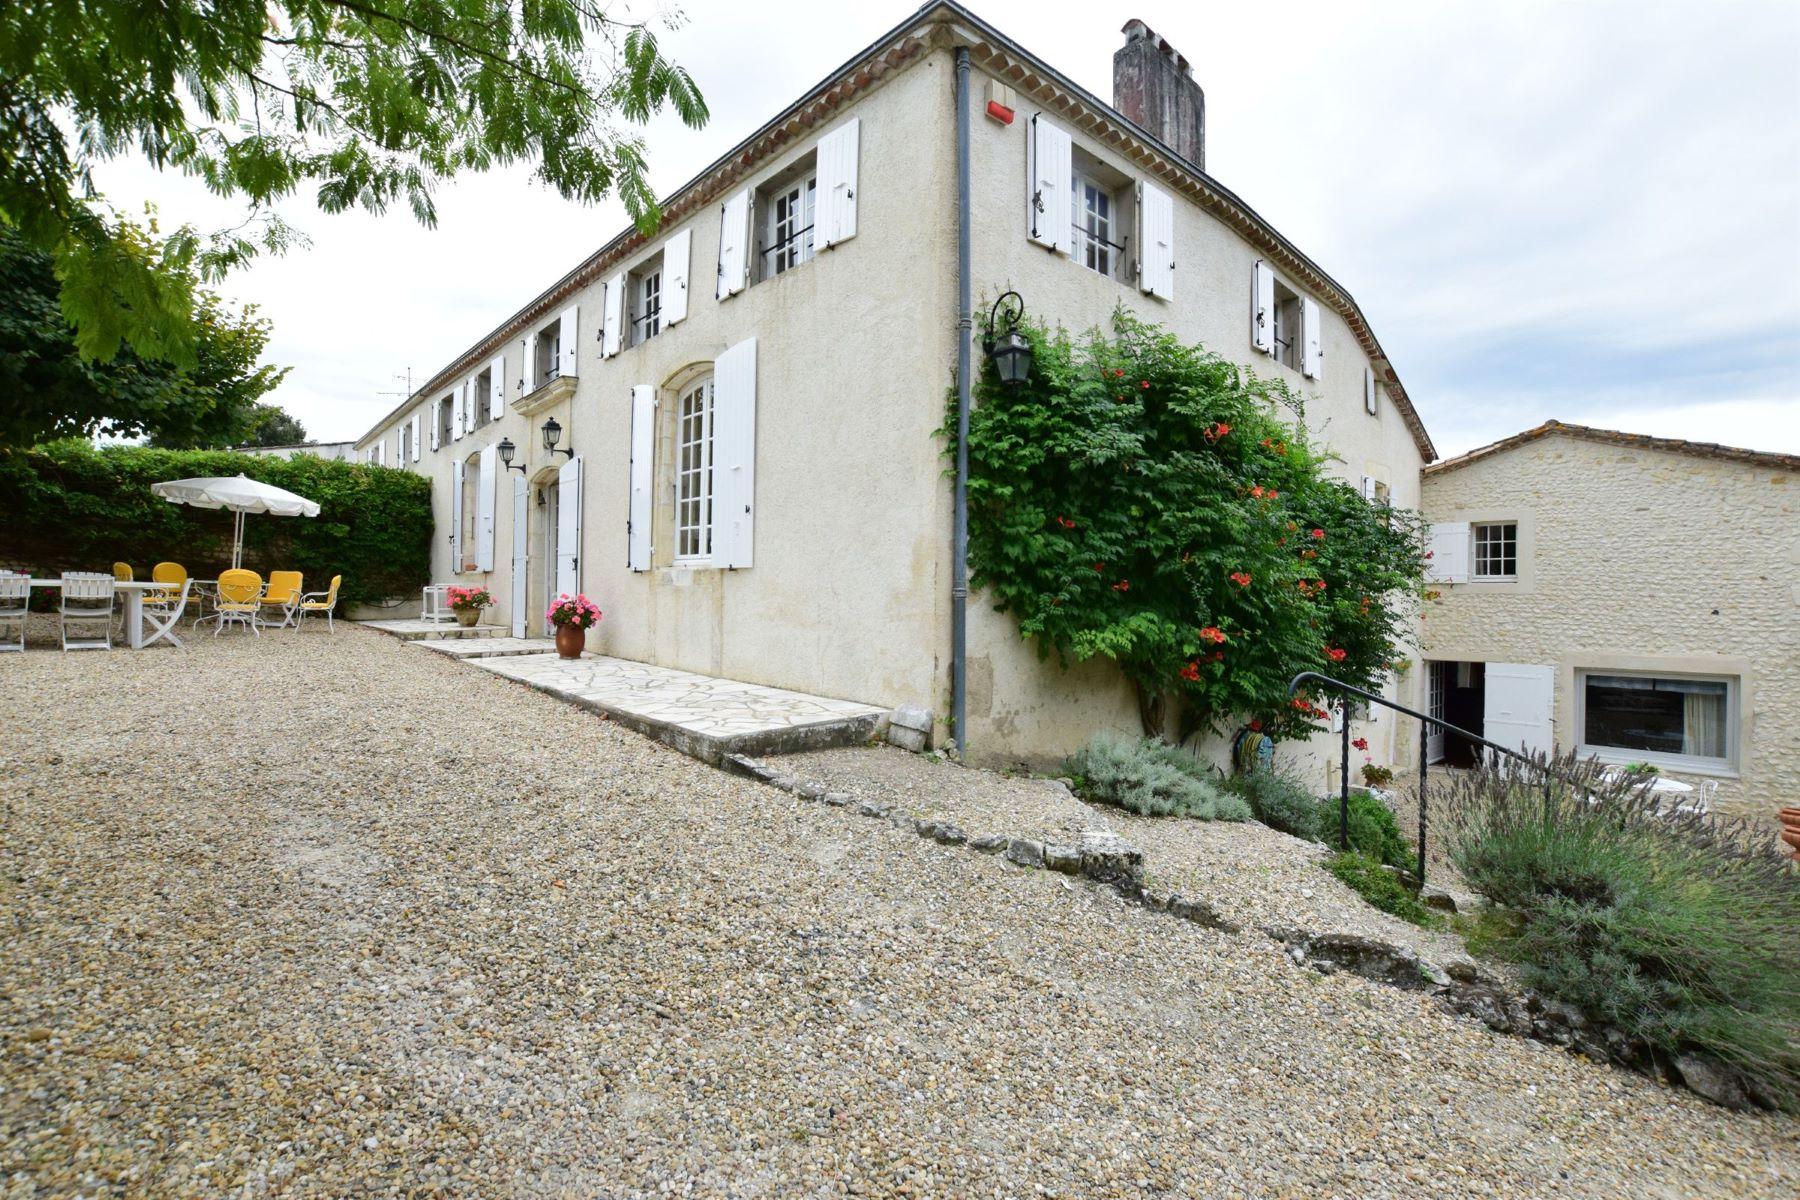 独户住宅 为 销售 在 Propriété avec 2 maisons et piscine Epargnes, 普瓦图夏朗德, 17120 法国